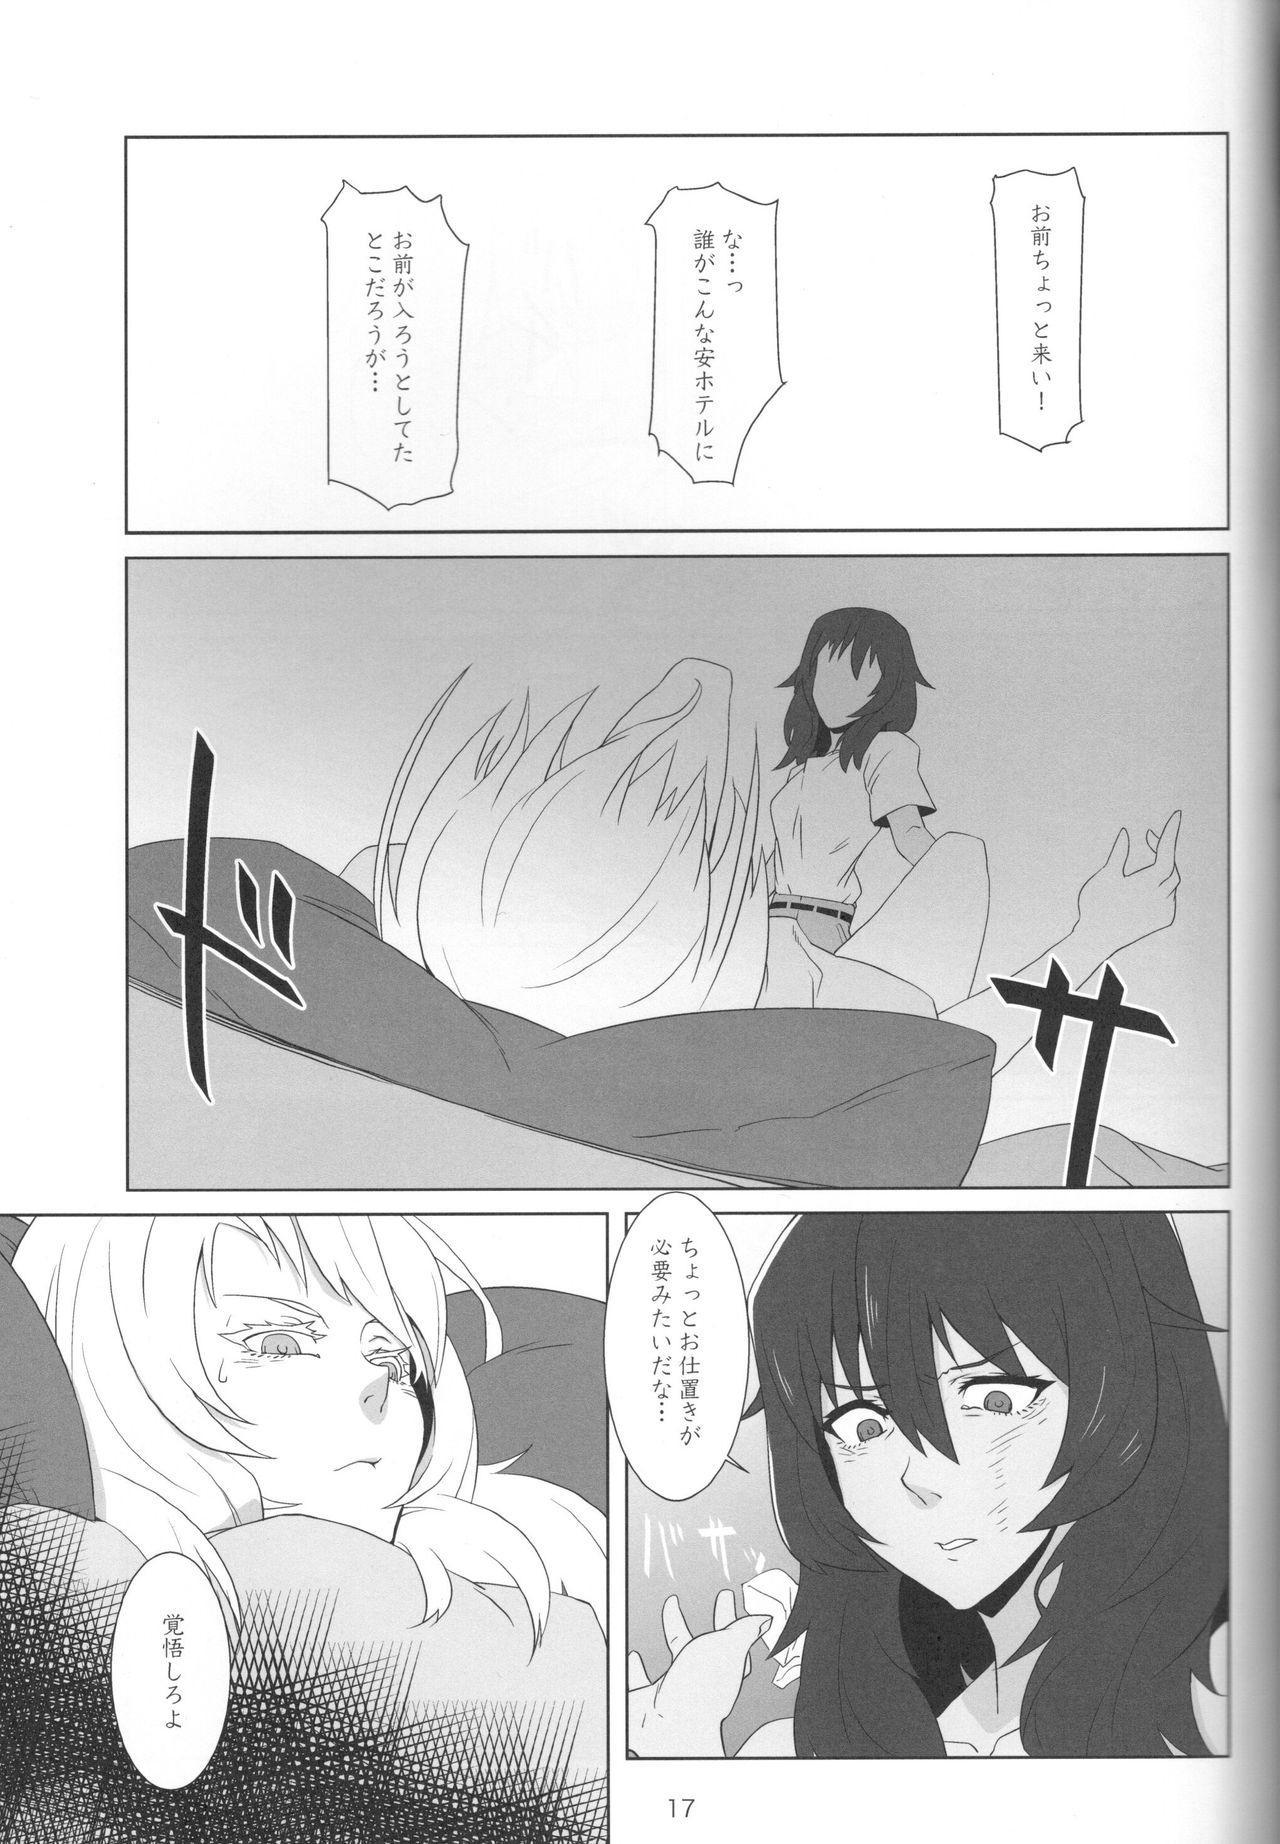 Kimi no Yubi ga Hairanai 14